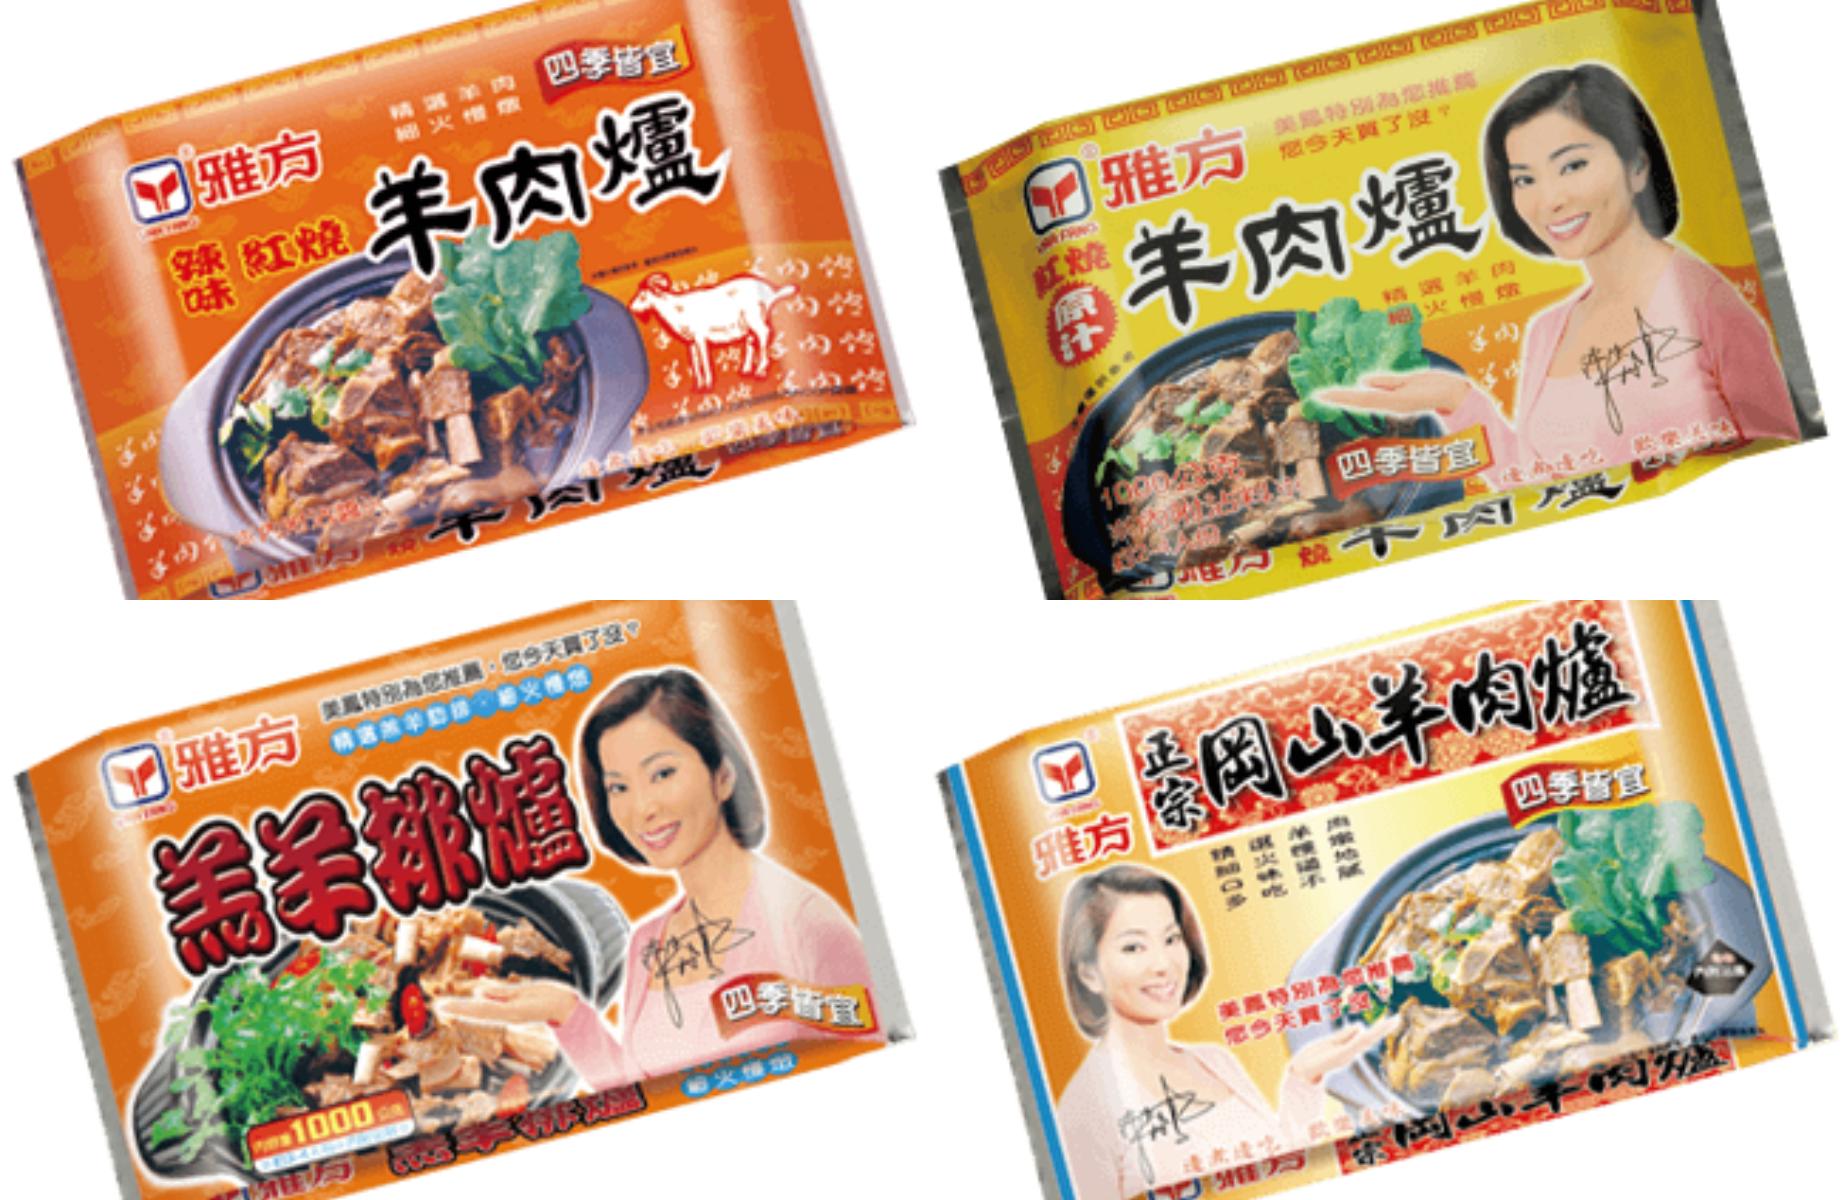 雅芳羊肉爐歷史悠久,除了是台灣最美麗的歐巴桑陳美鳳代言